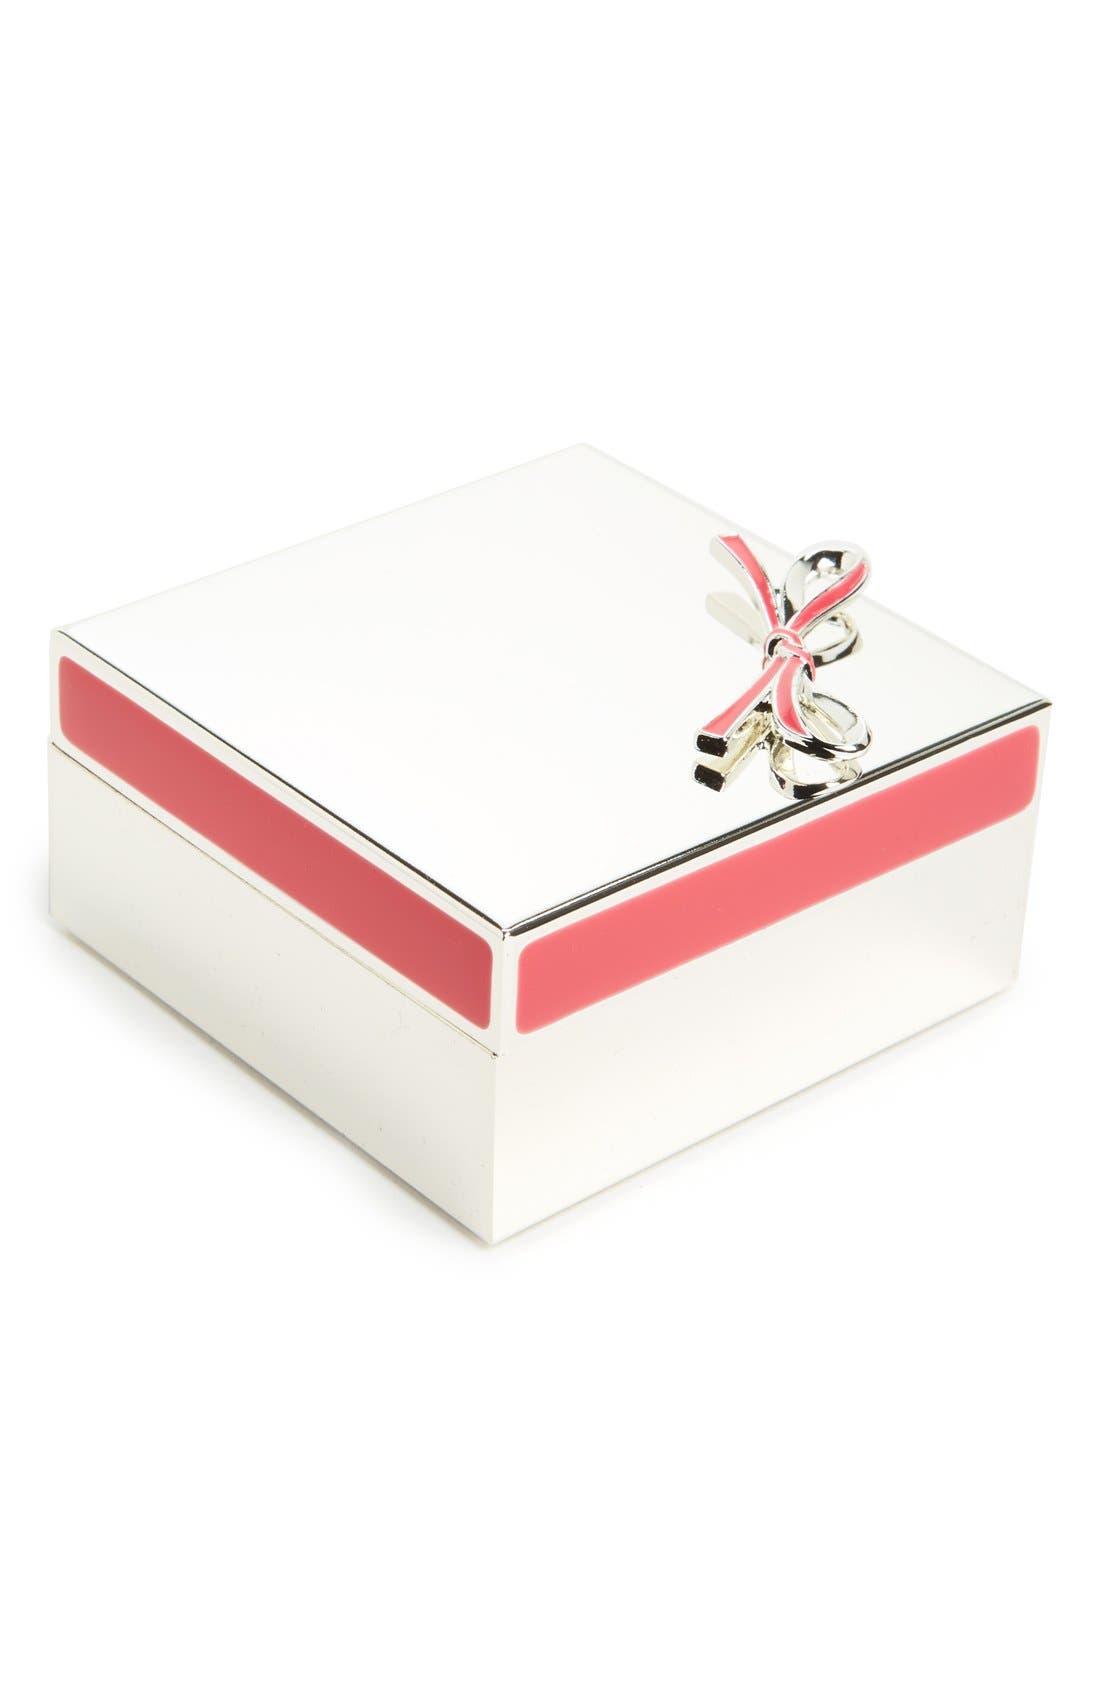 Alternate Image 1 Selected - kate spade new york 'vienna lane' keepsake box